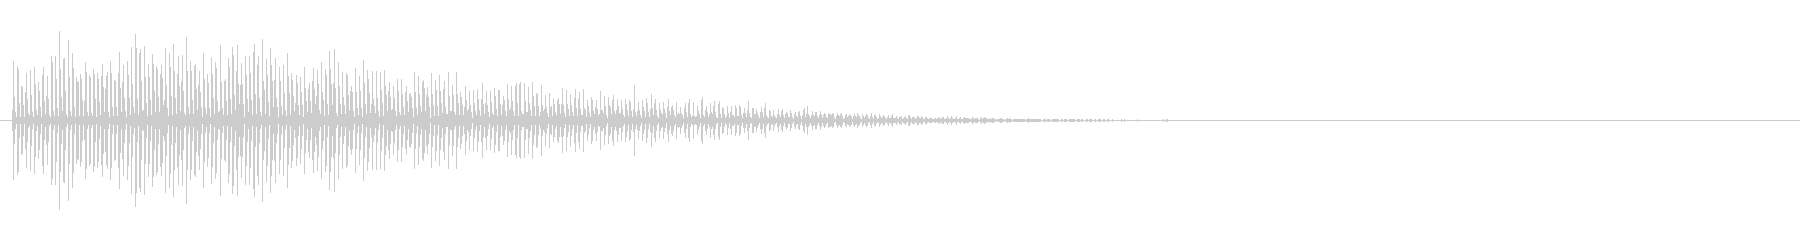 定番「カーッ!」ビブラスラップの音FX4の未再生の波形